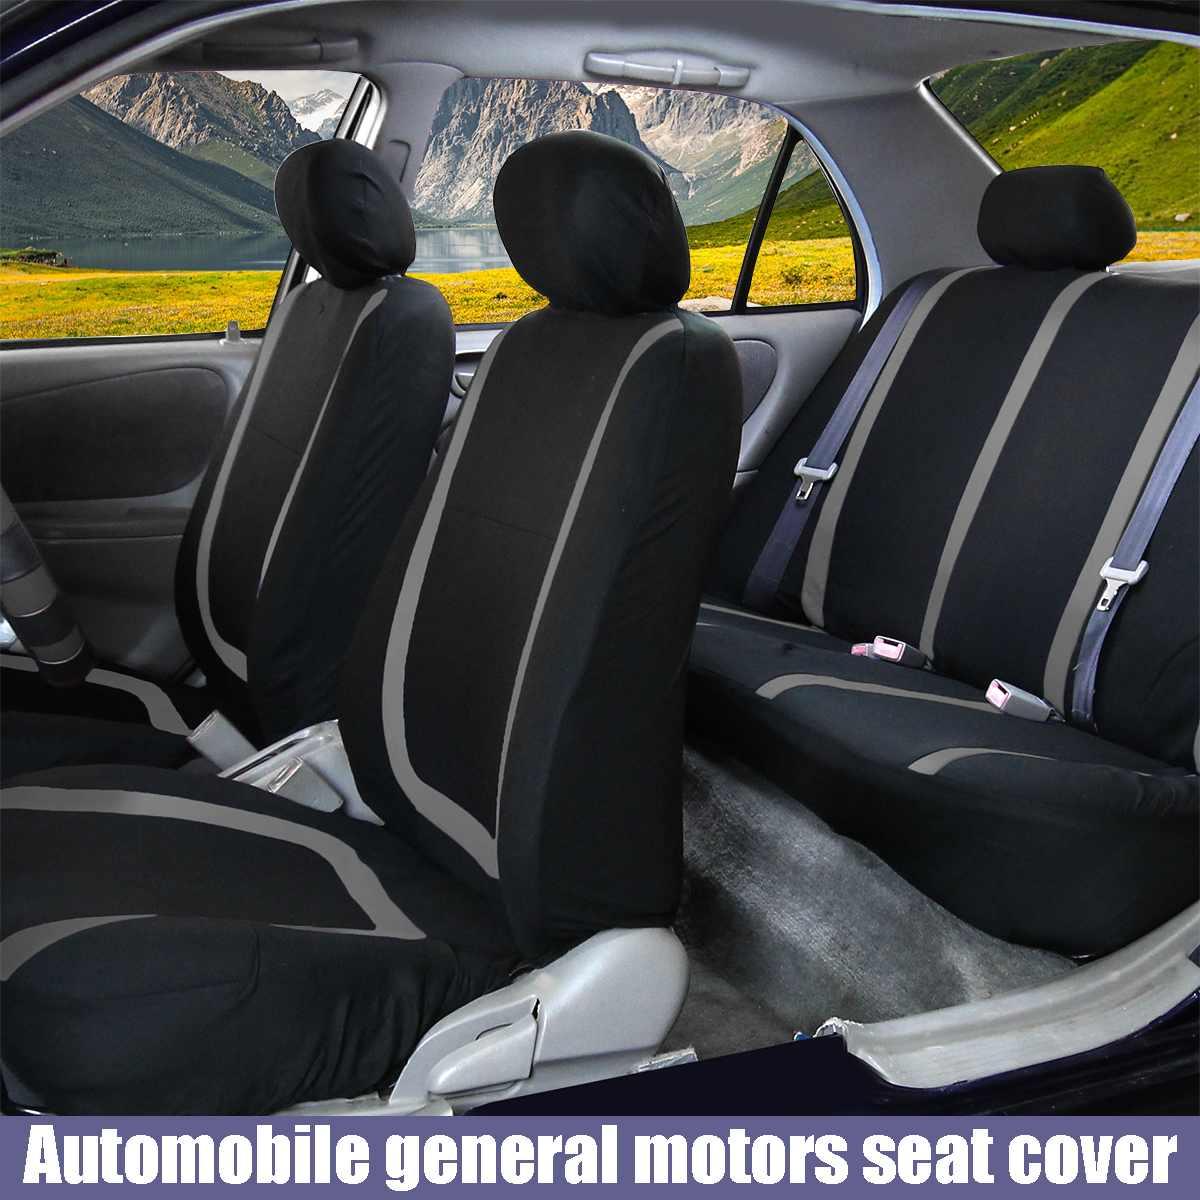 9 шт. универсальный чехол для автомобильных сидений из полиэфирной ткани, чехлы для автомобильных сидений, чехлы для автомобильных сидений, ...